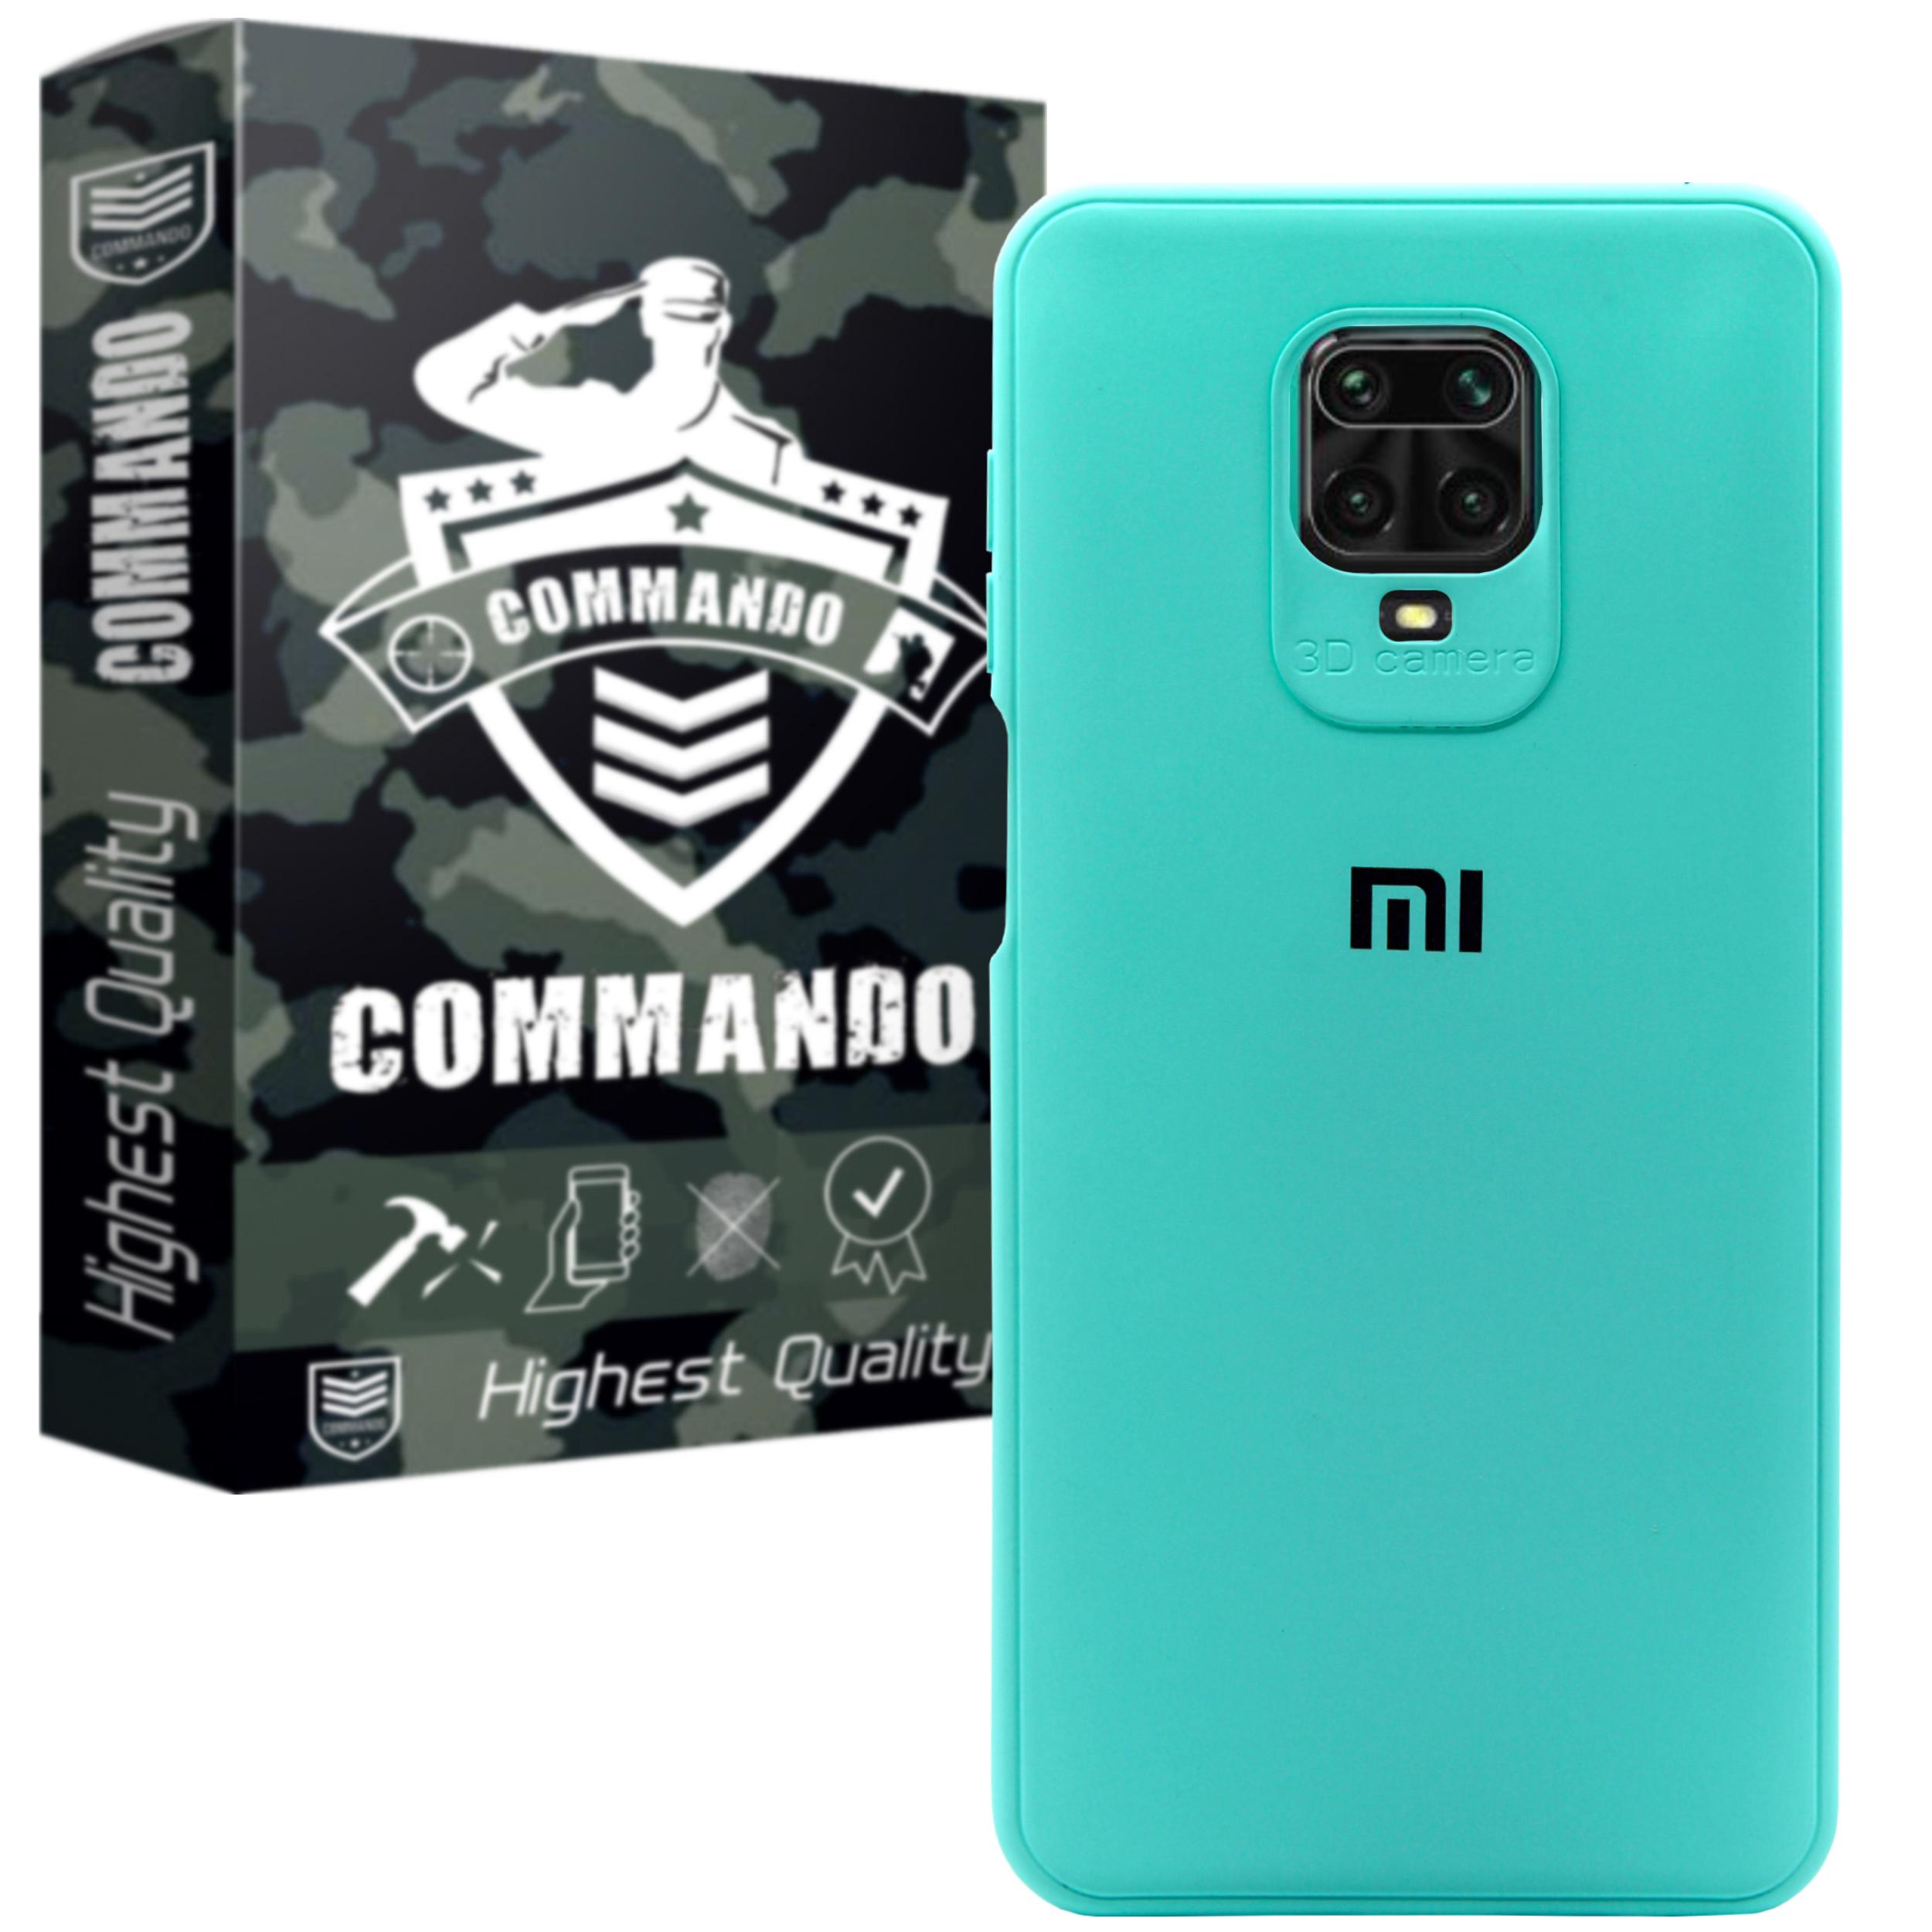 کاور کماندو مدل SL21 مناسب برای گوشی موبایل شیائومی Redmi Note 9S / Note 9 Pro / Note 9 Pro Max              ( قیمت و خرید)